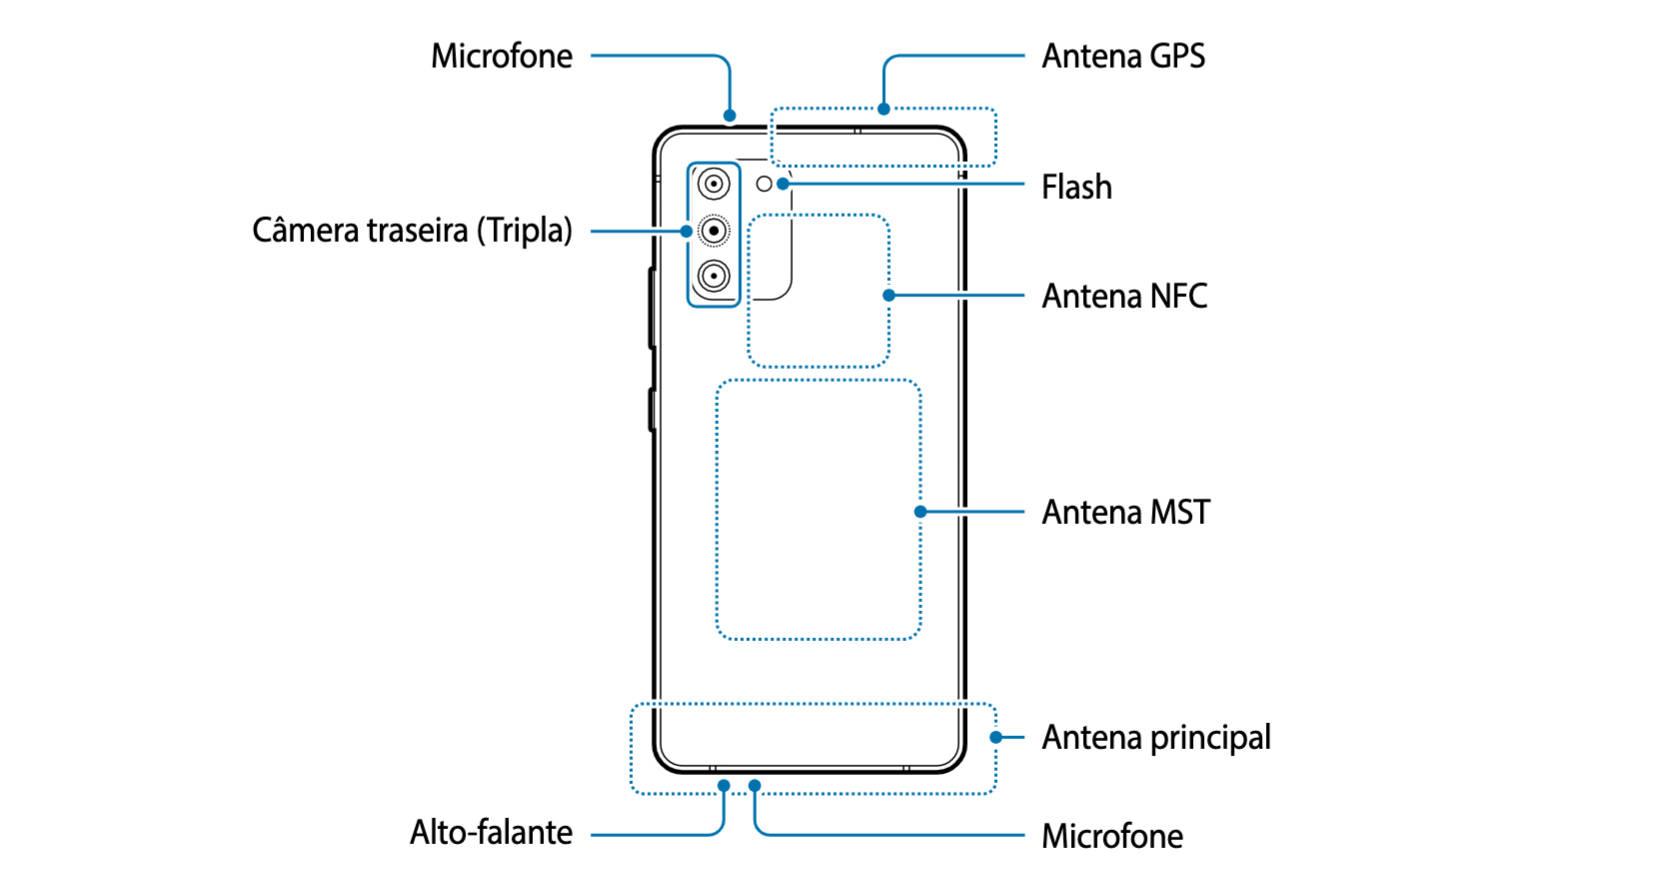 Samsung Galaxy S10 Lite instrukcja kiedy premiera plotki przecieki wycieki specyfikcja dane techniczne cena